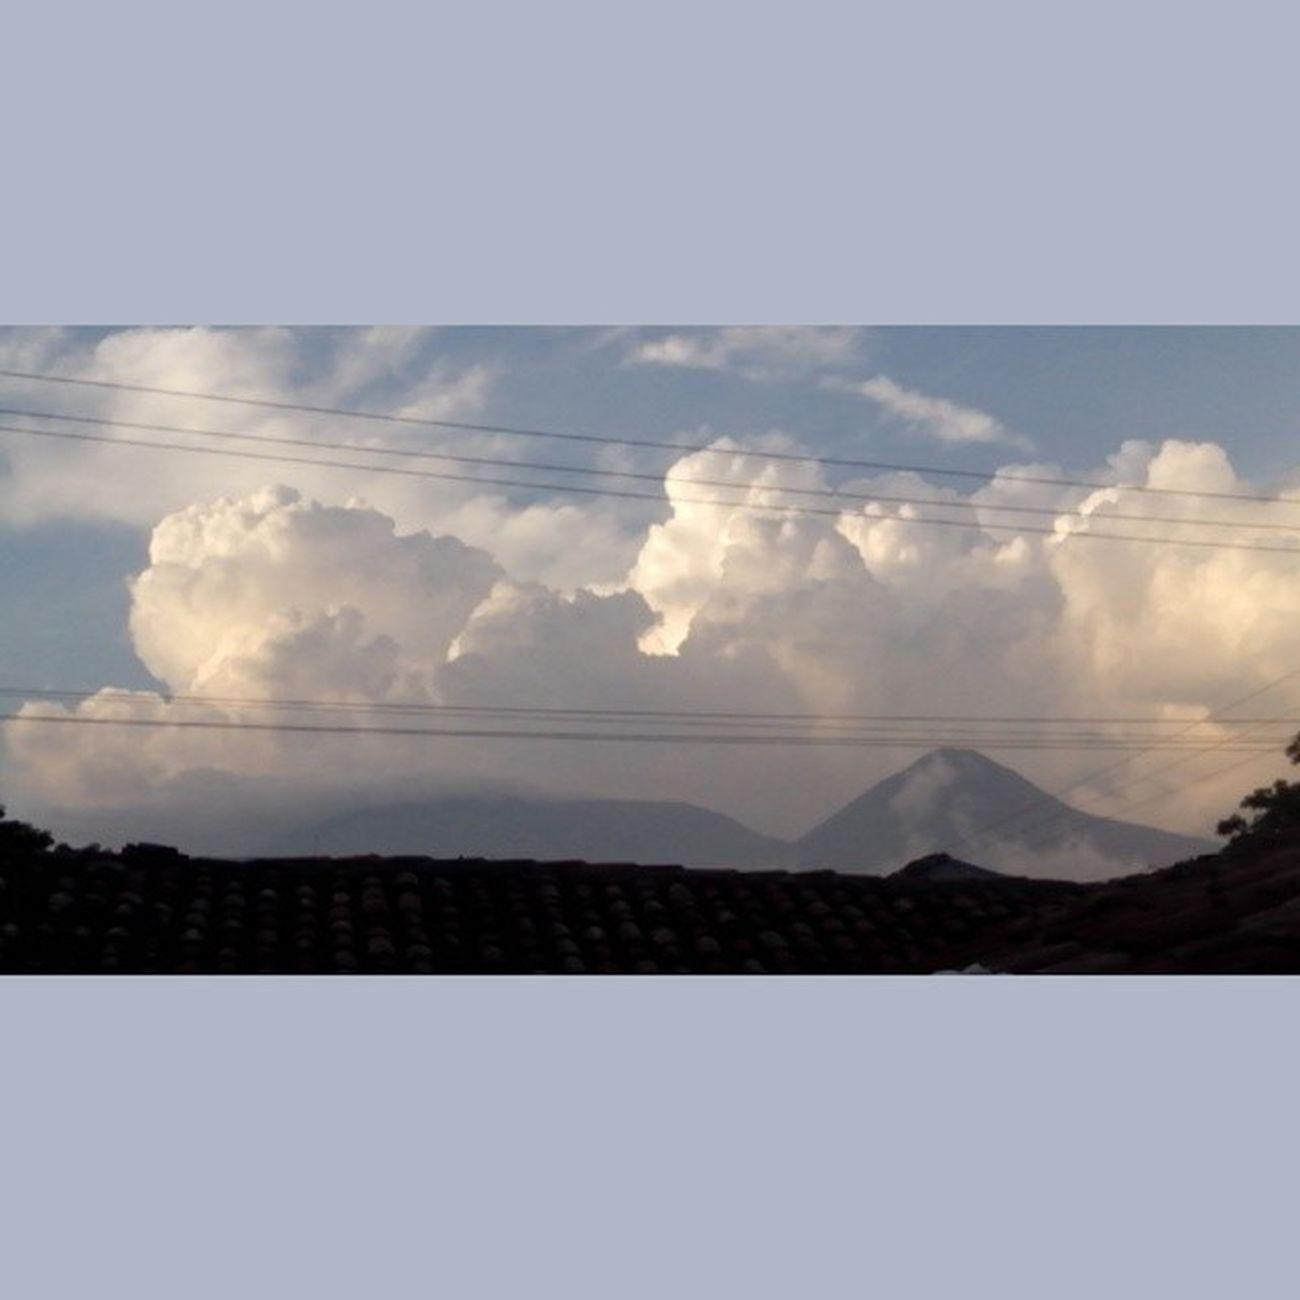 Cuando hay vistas hermosas hay que compartirlas LaNaturalezaNoNecesitaFiltros Volcánes ElSalvador  YaVieneElver Kemeyo 🌄🌋⚡☁